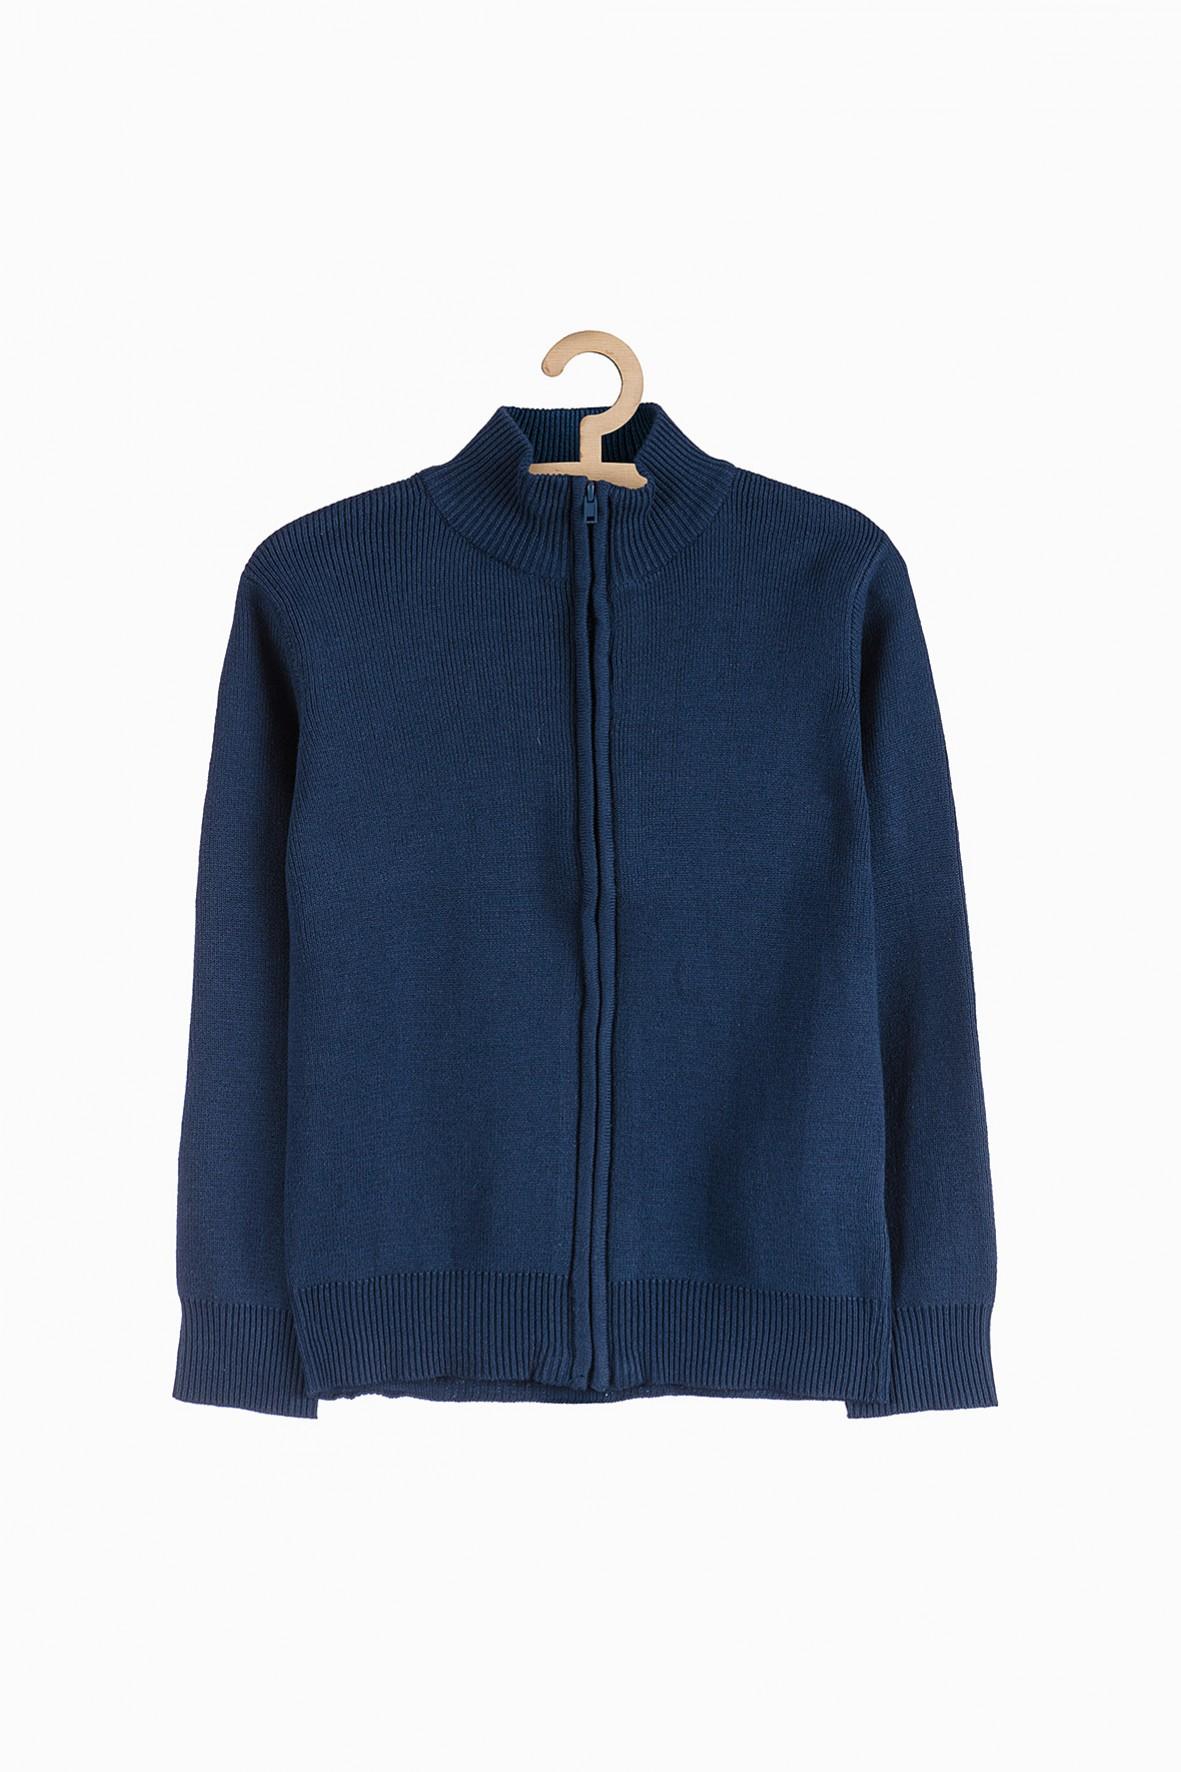 Granatowy sweter dla chłopca